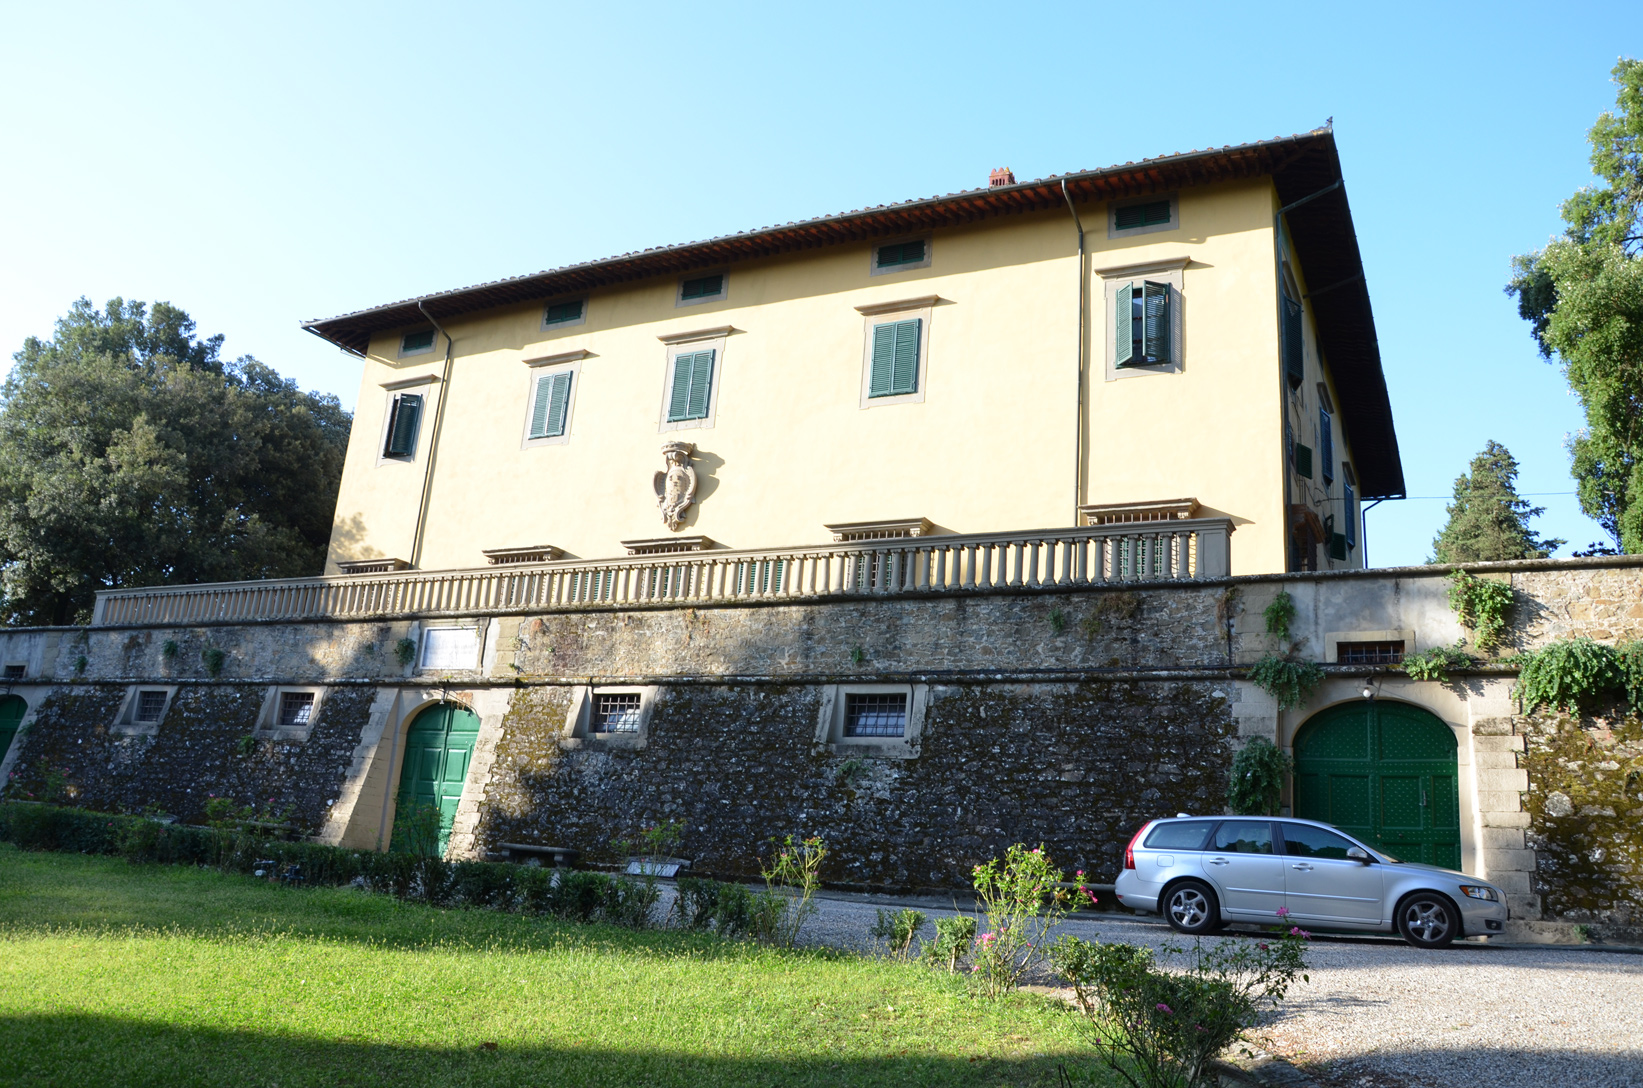 Villa Pandolfini 1